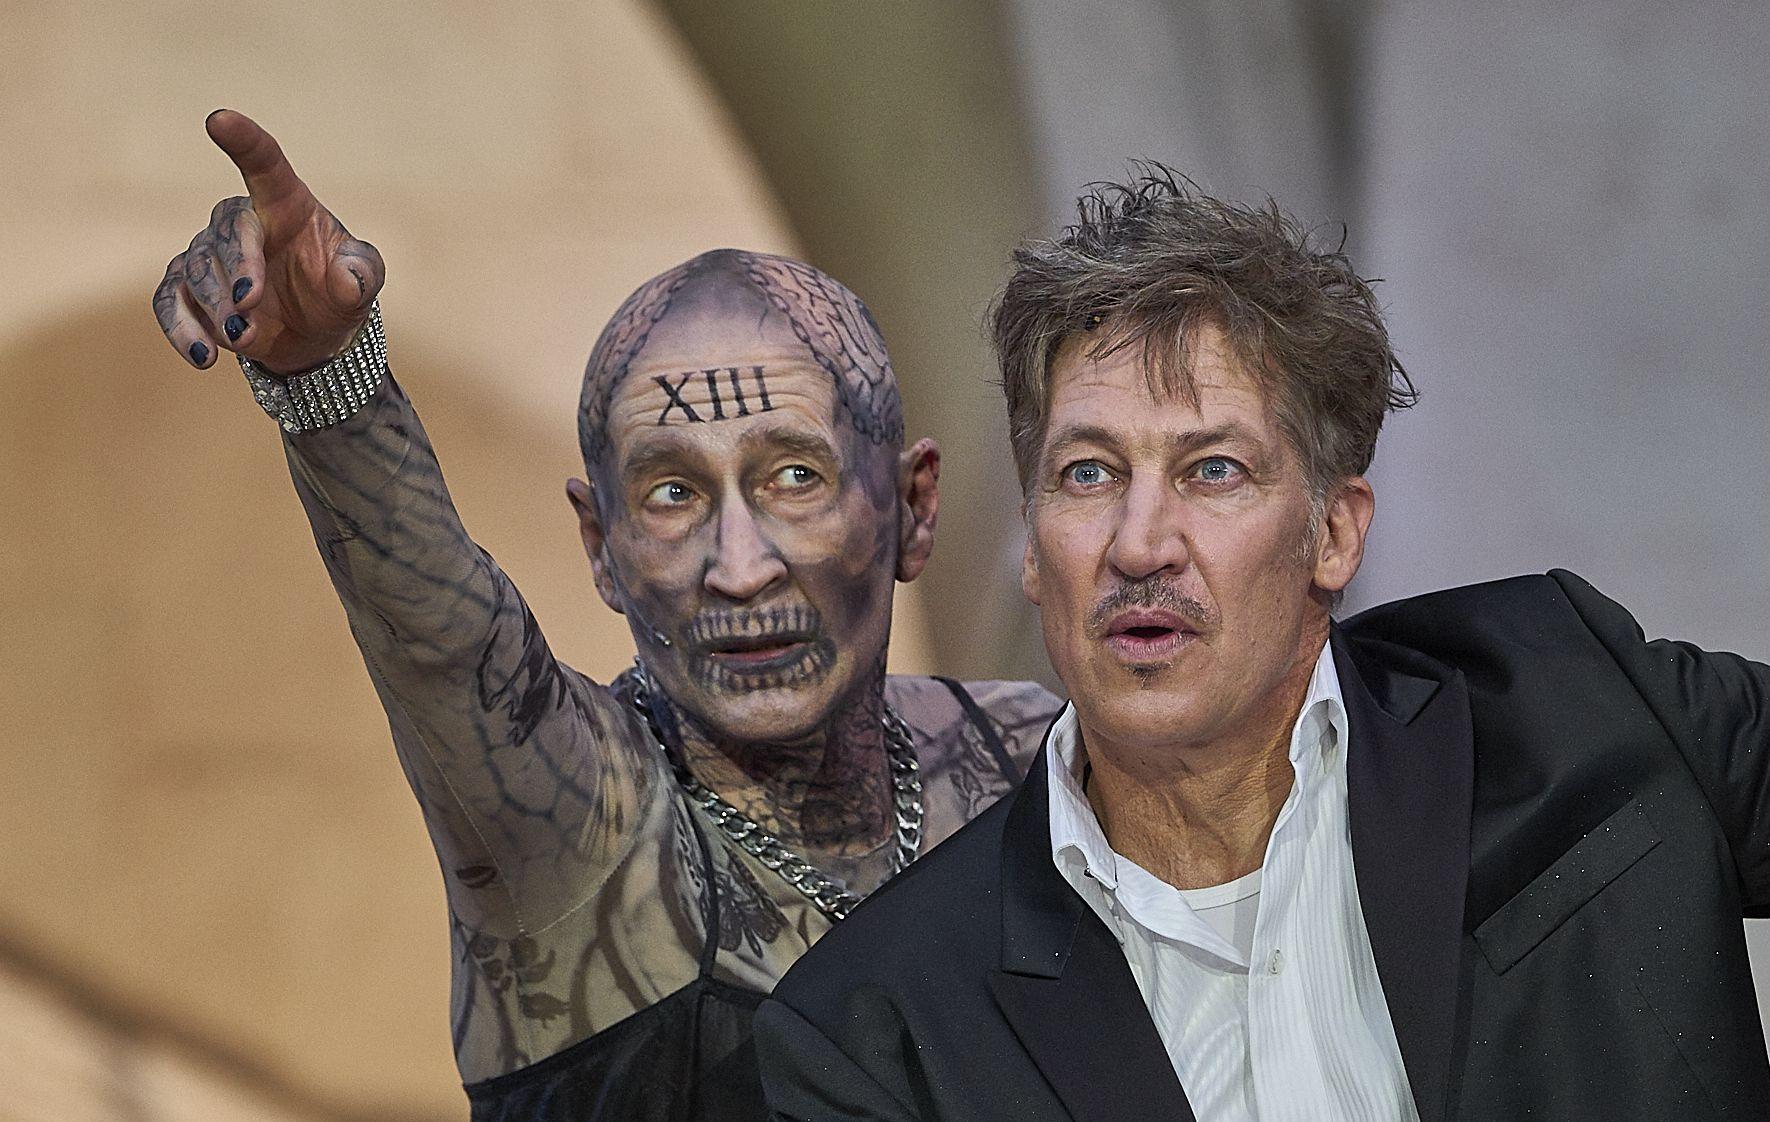 Peter Lohmeyer (l.) als Tod und Tobias Moretti (r.) als Jedermann